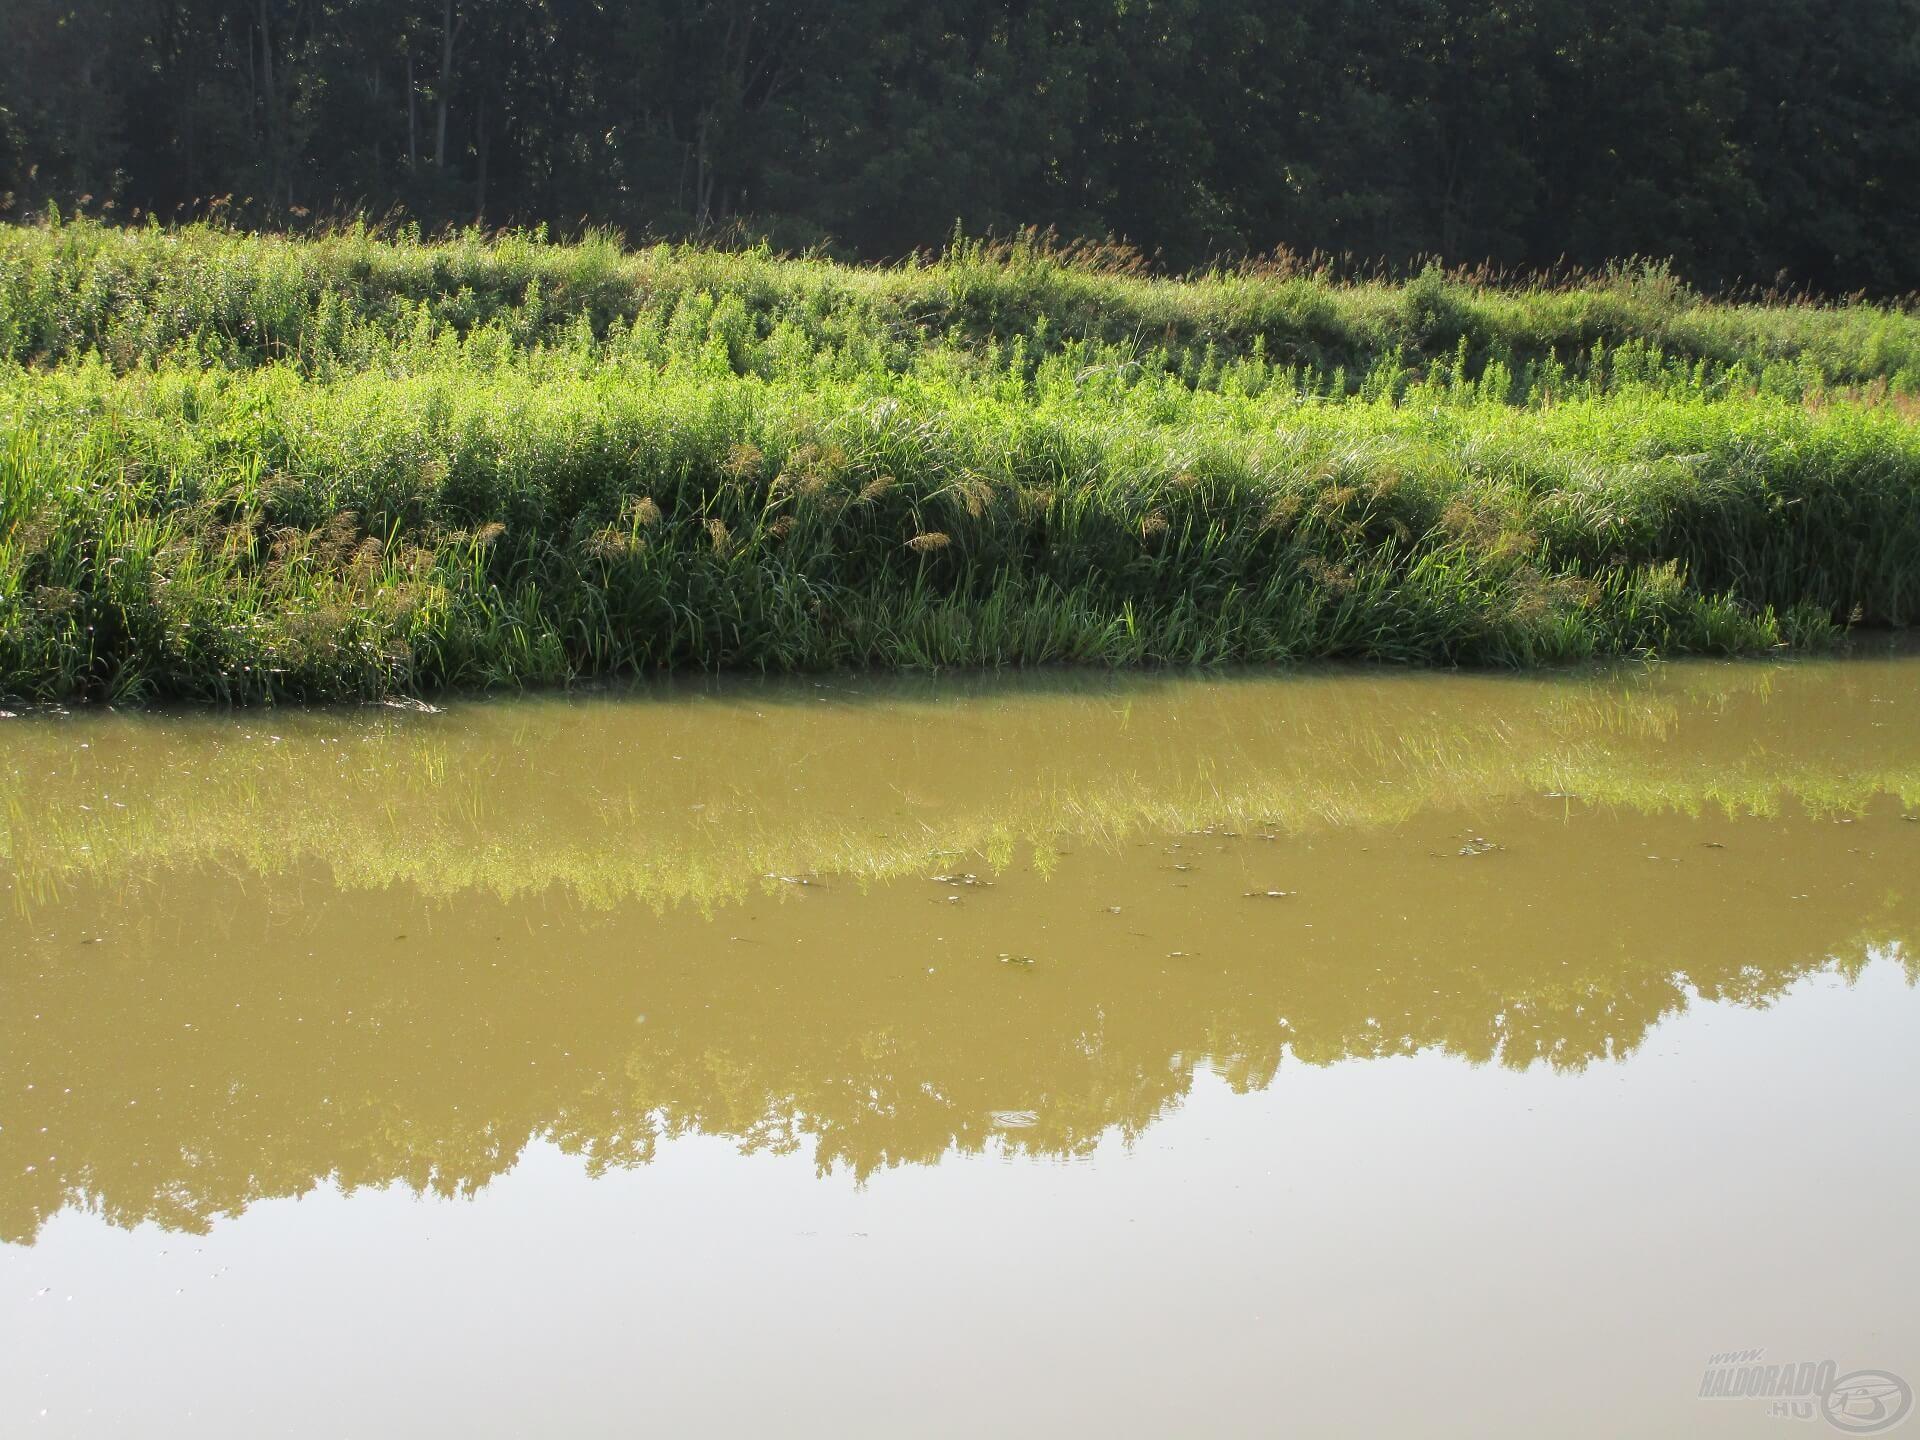 Egy komolyabb nyári zápor hatására egyből bezavarosodik a víz